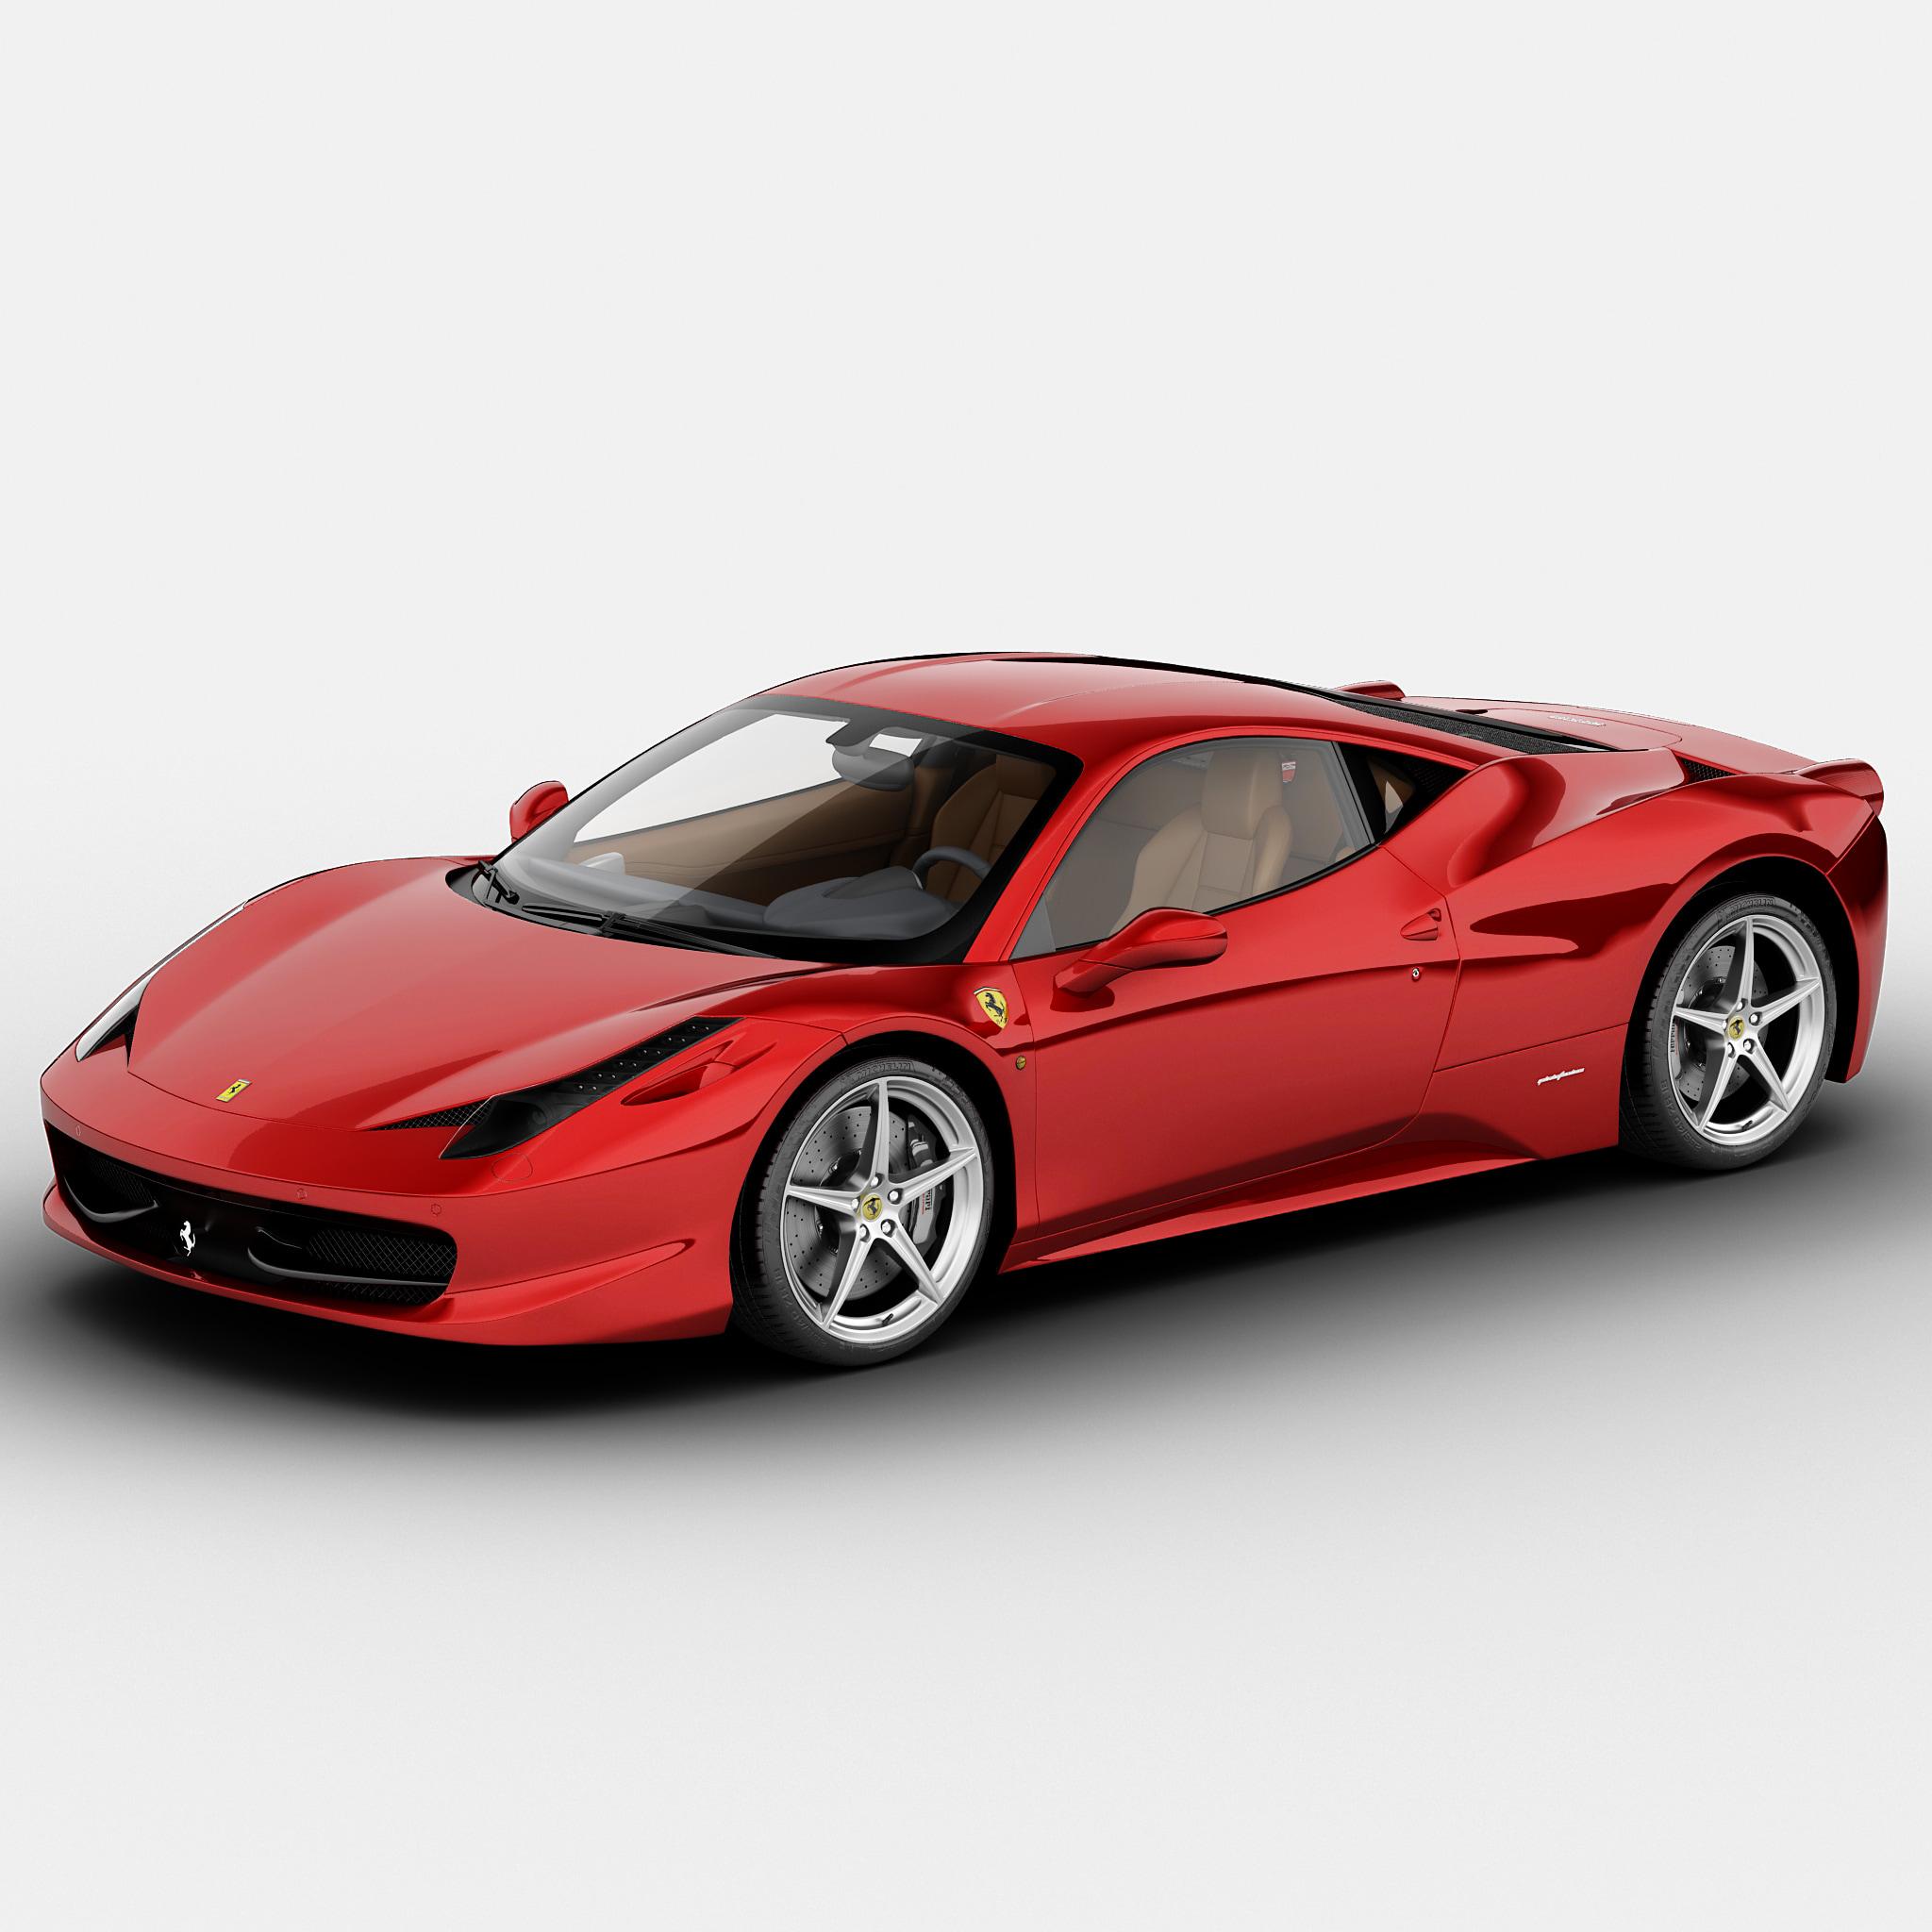 Ferrari 458 Italia Scuderia 2013_2.jpg